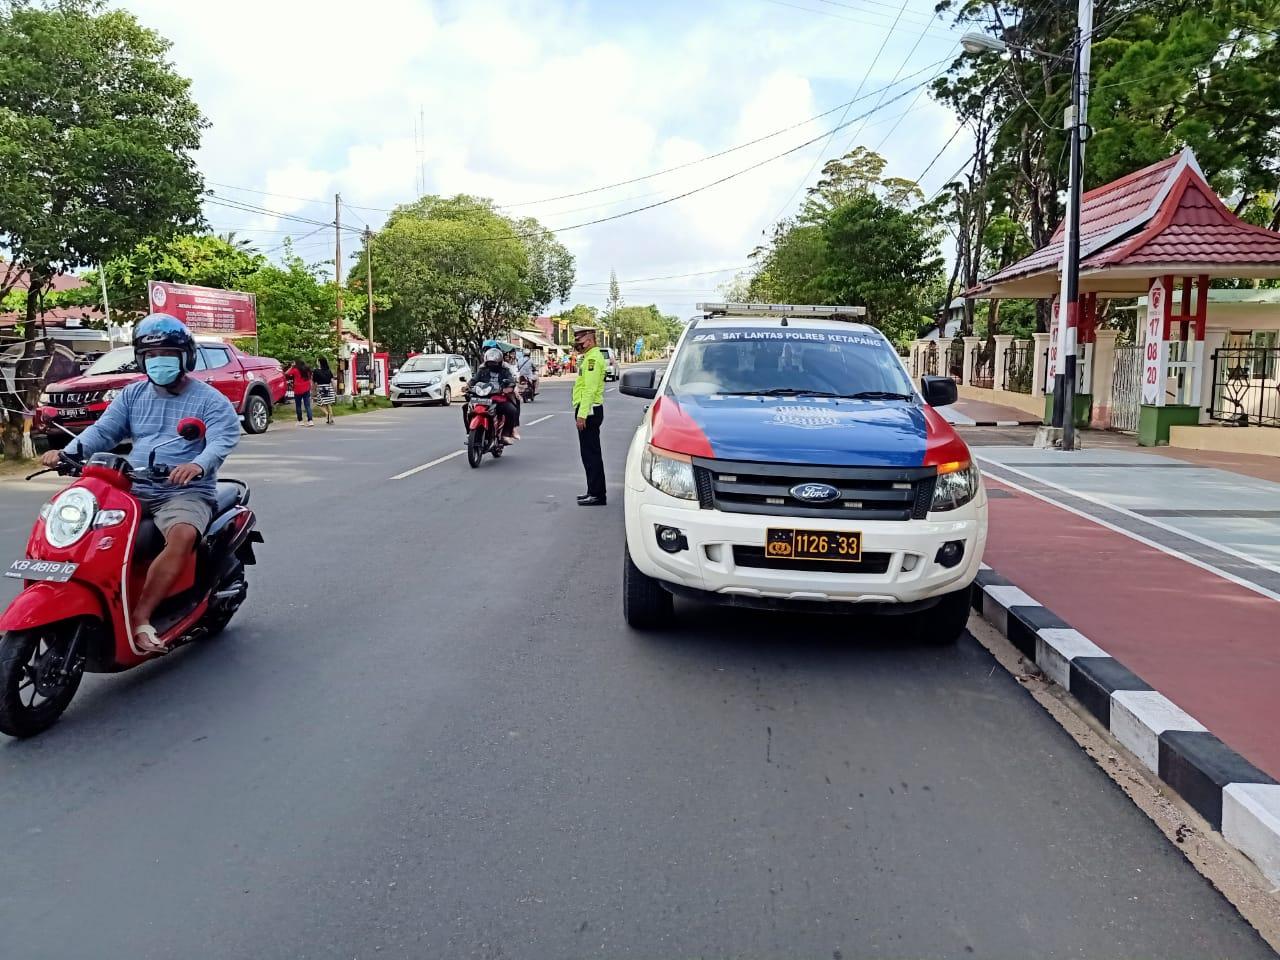 Satlantas Ketapang Laksanakan Patroli Siang,Tingkatkan Kegiatan Preventif & Jaga Situasi Kamtibmas